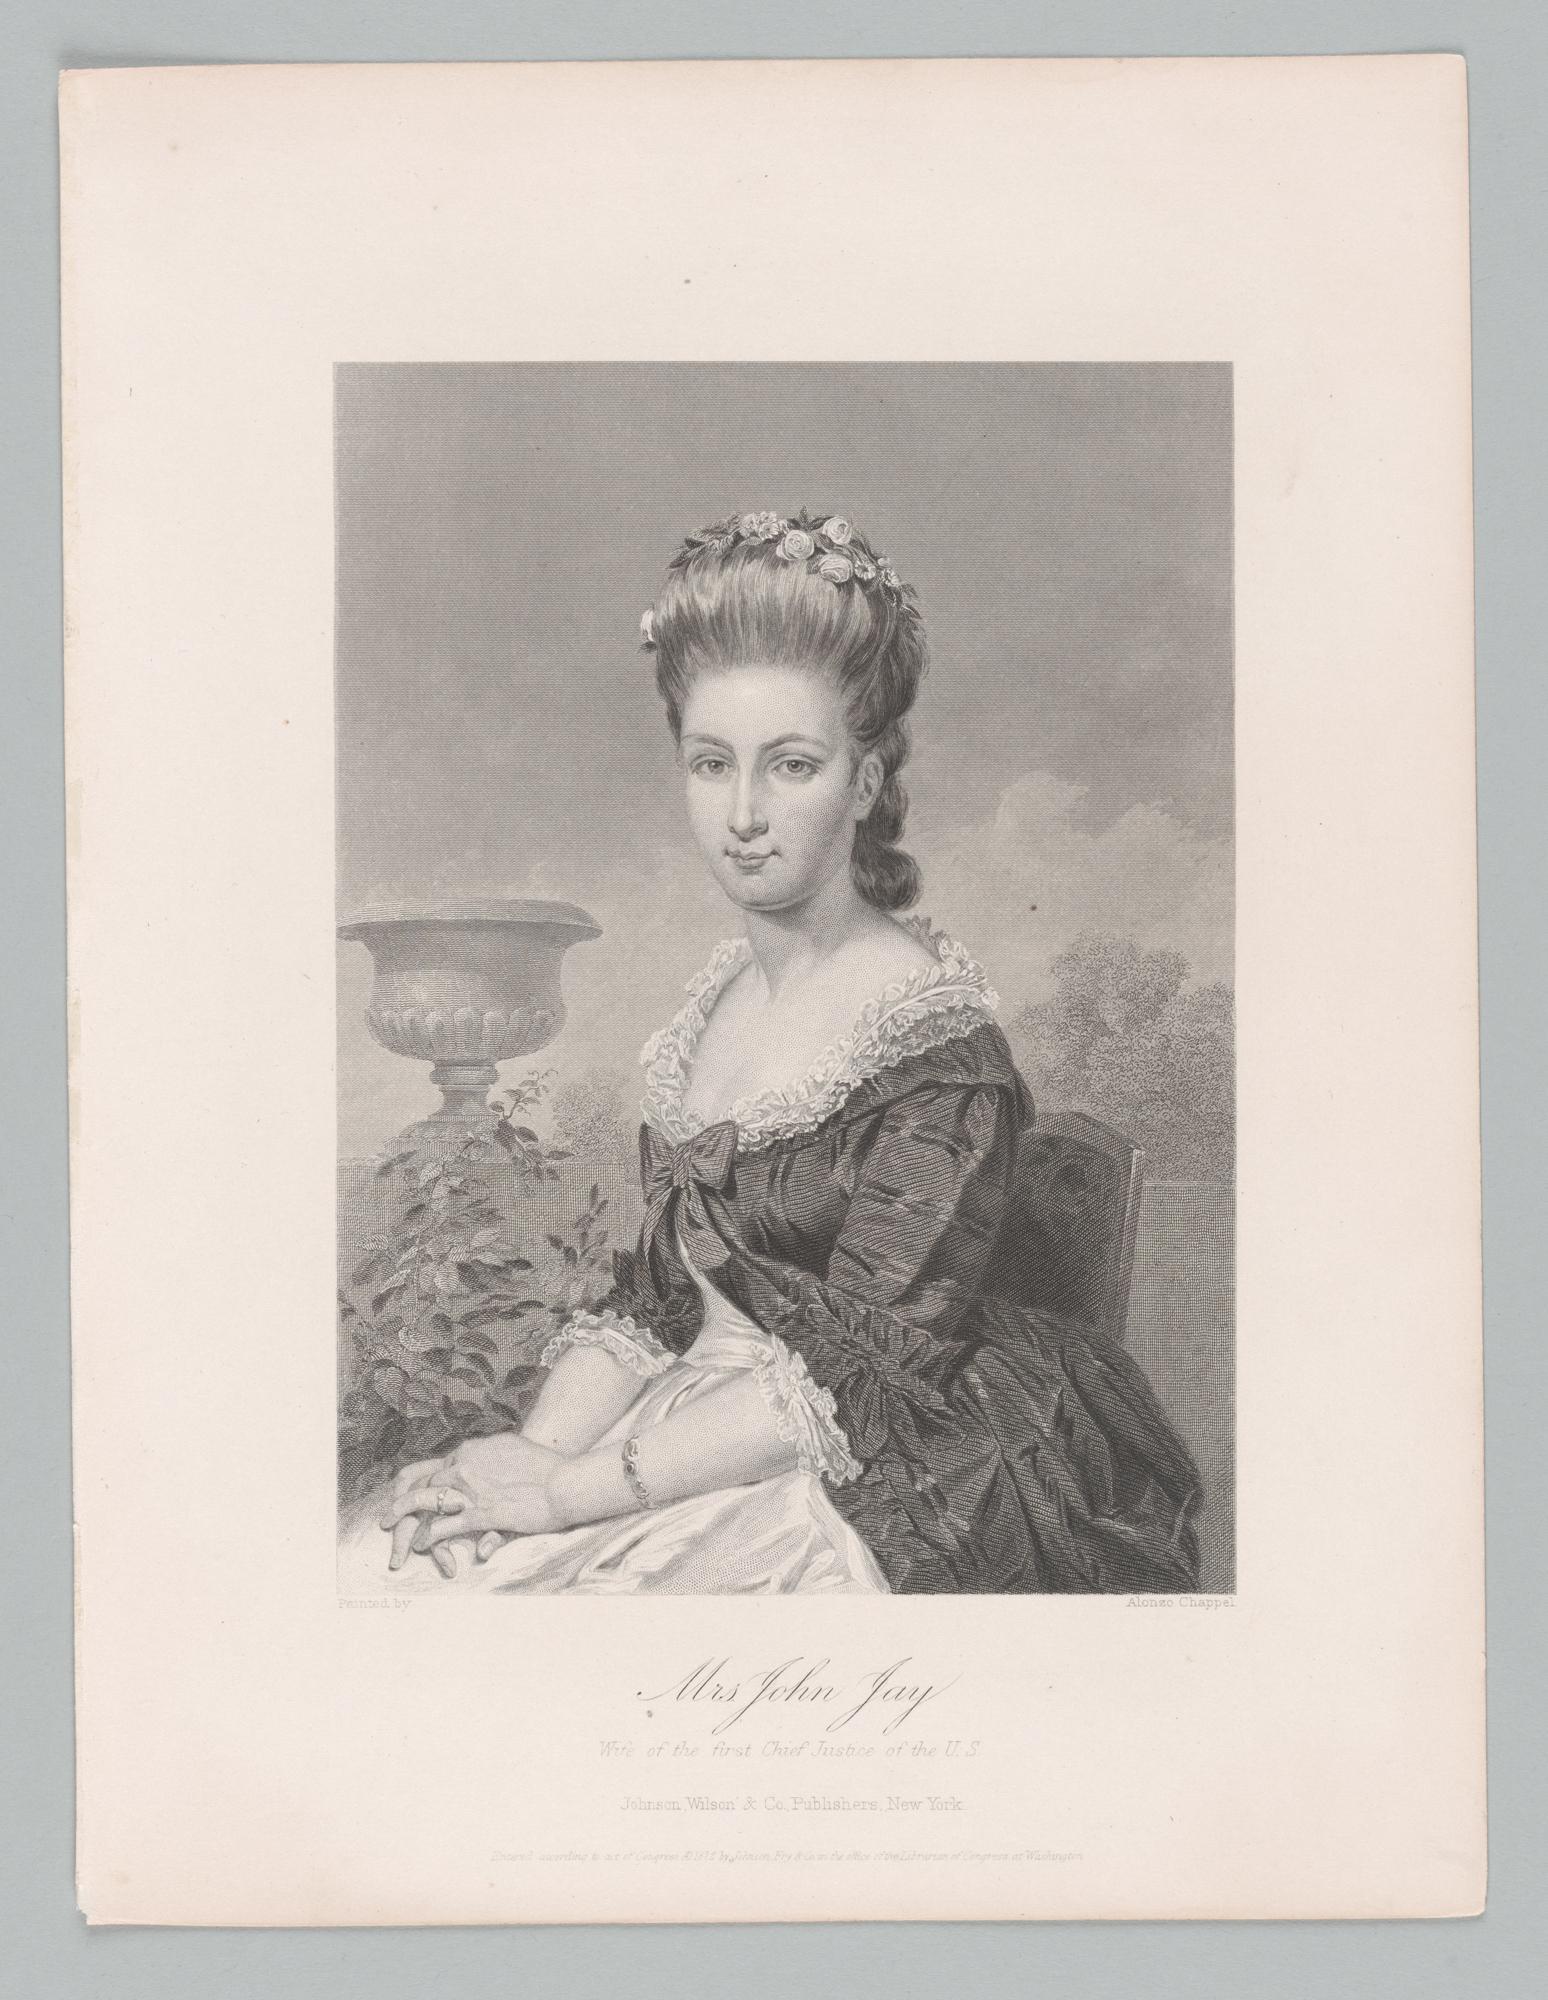 Mrs. John Jay, front